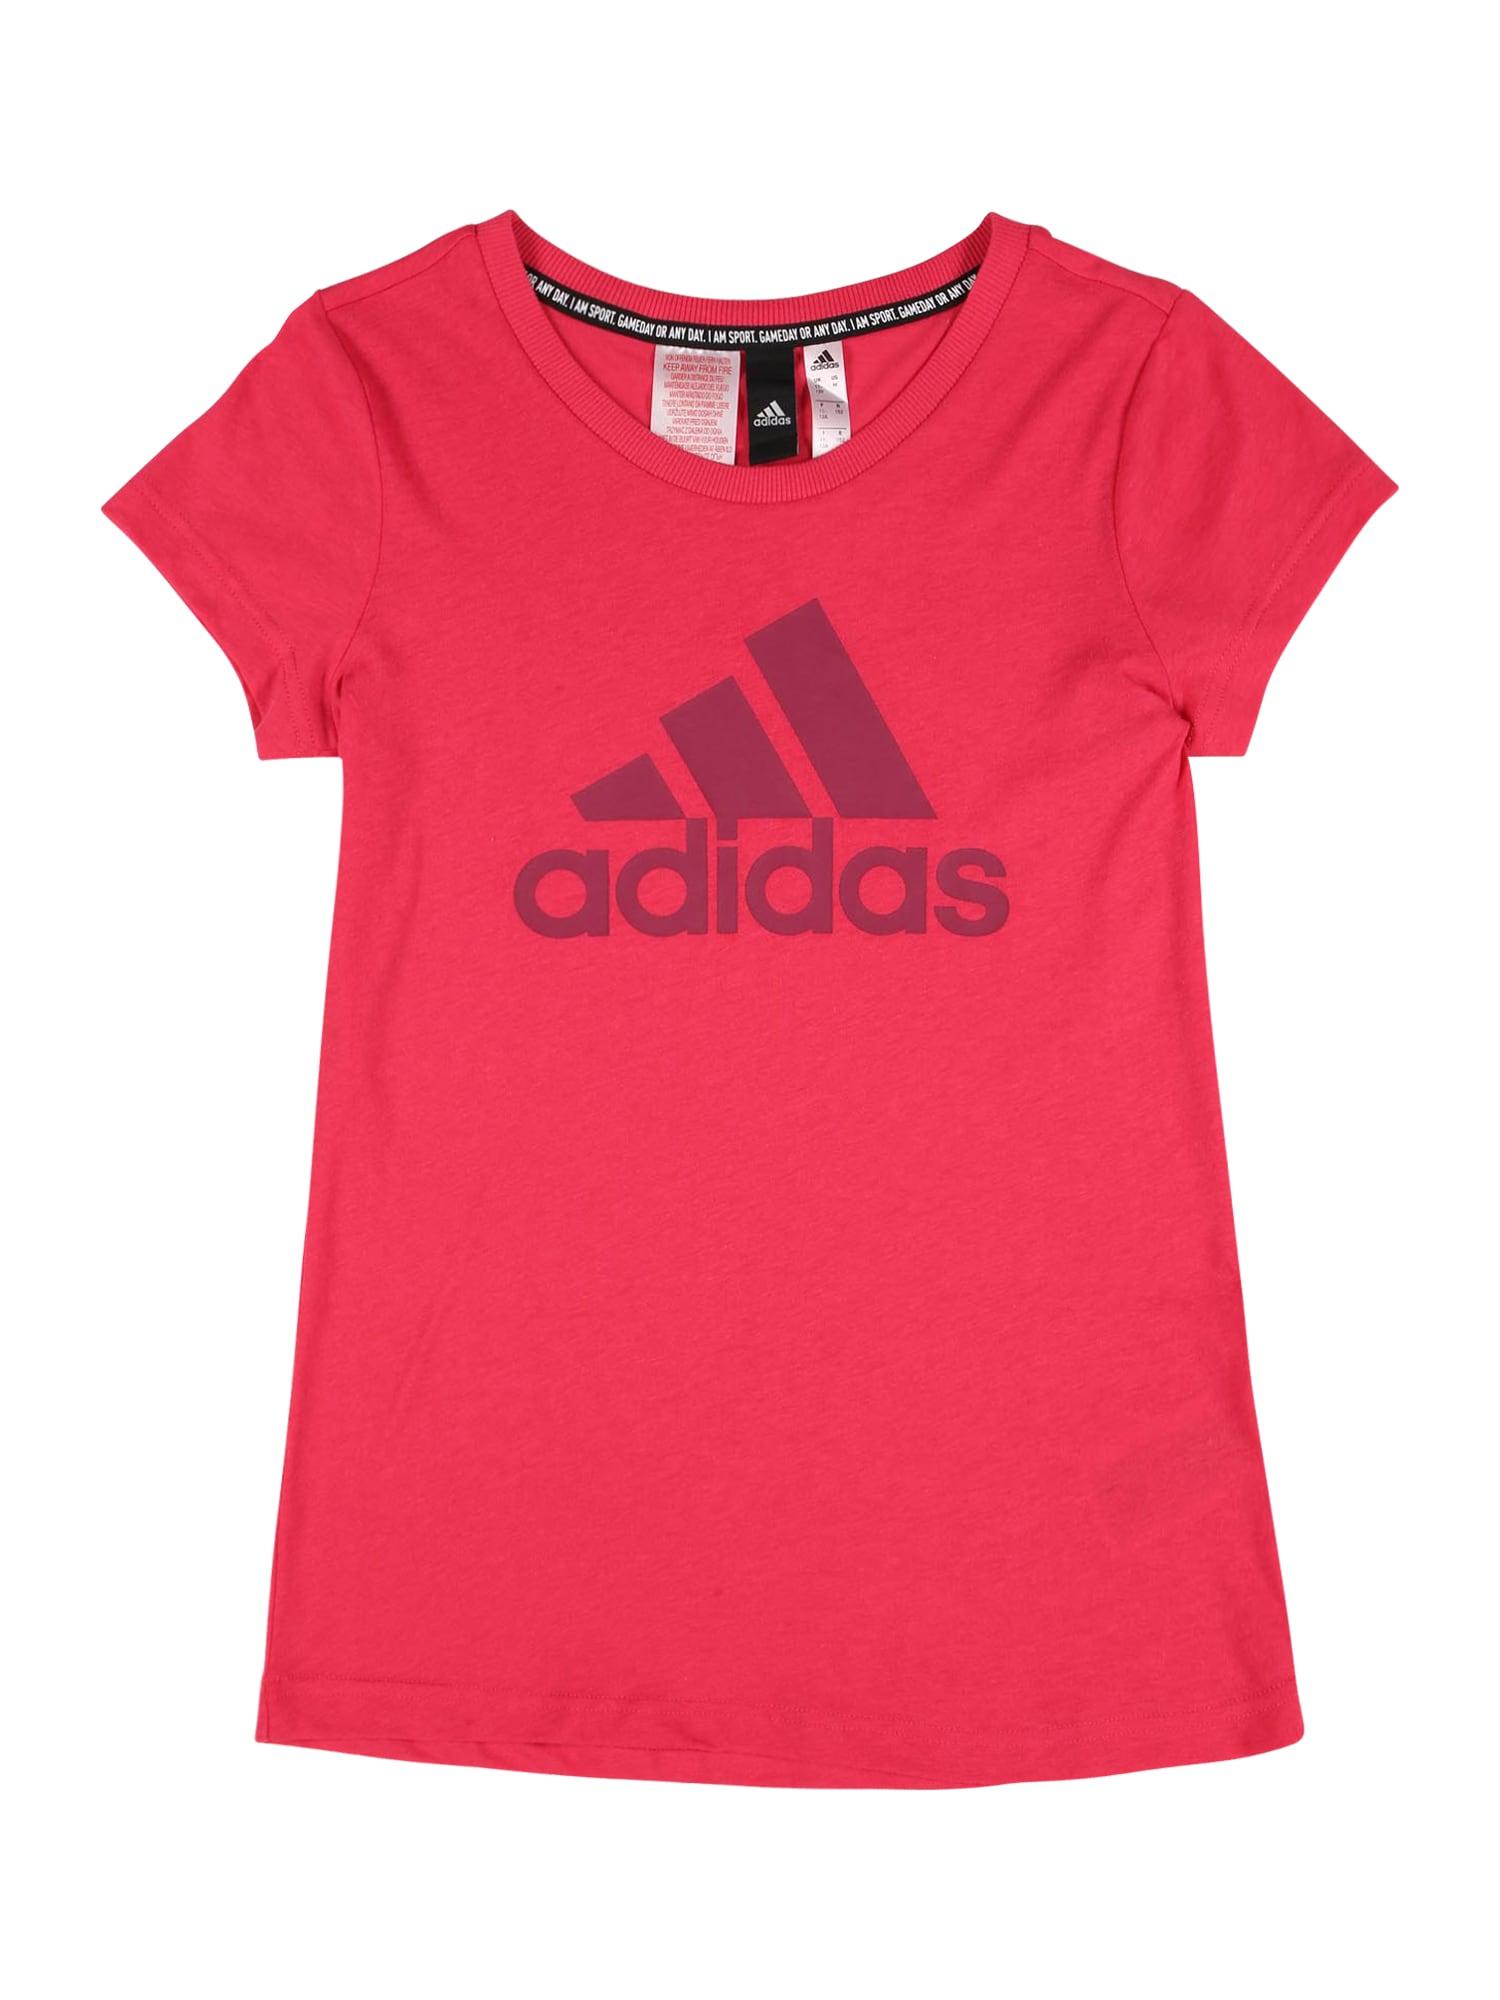 ADIDAS PERFORMANCE Sportiniai marškinėliai rožinė / eozino spalva